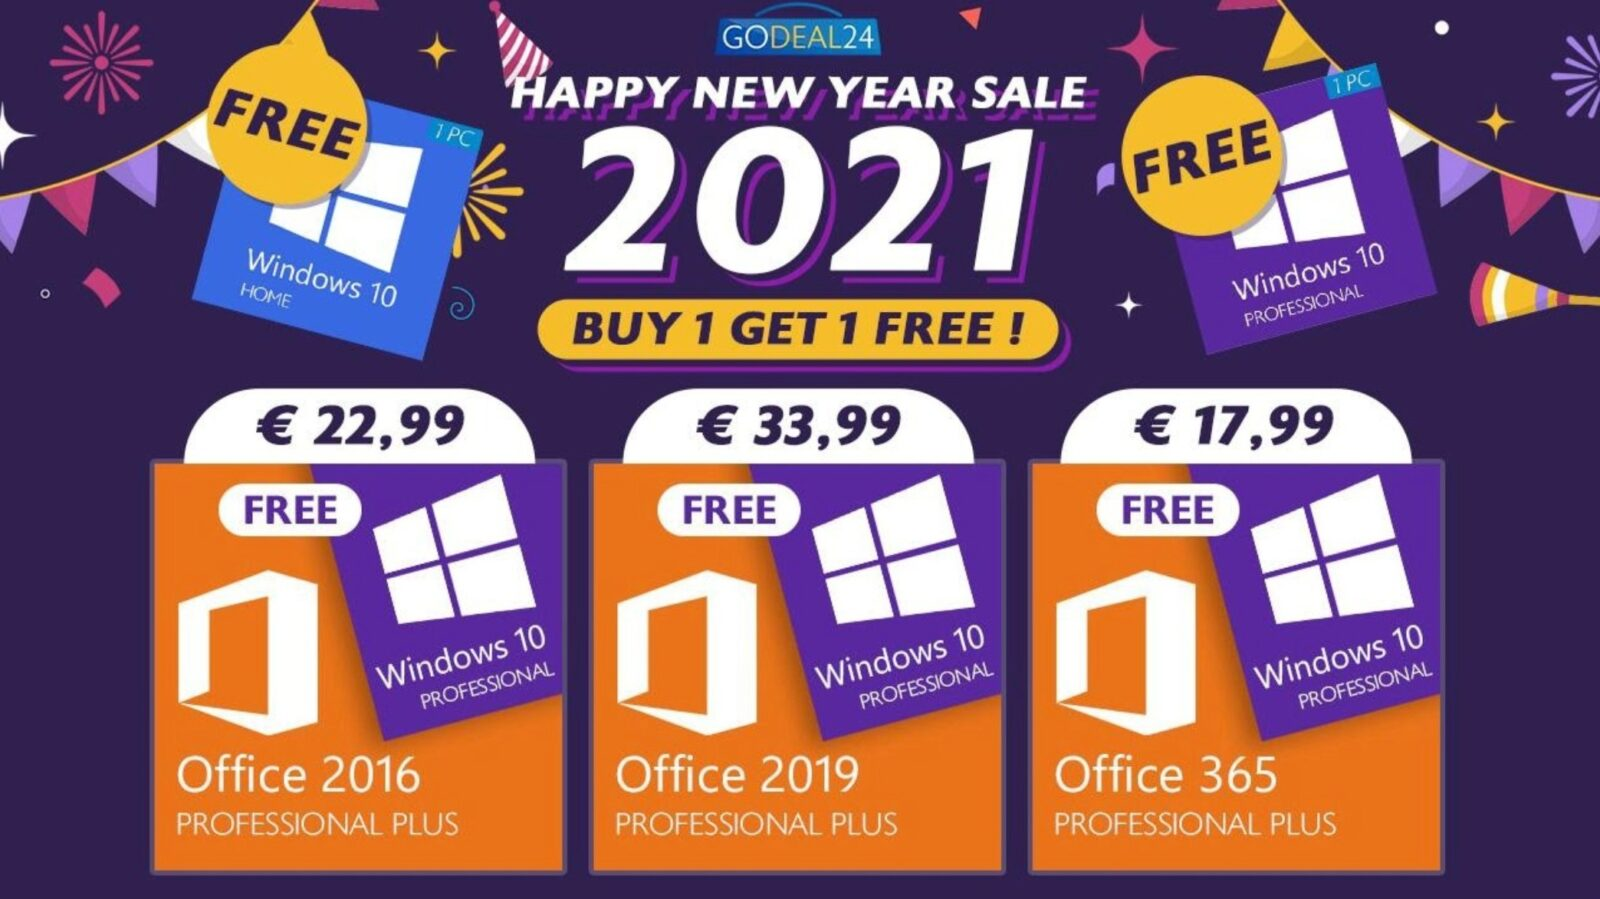 Windows 10 è GRATIS con Microsoft Office: ecco gli ultimi sconti del 2020 di GoDeal24